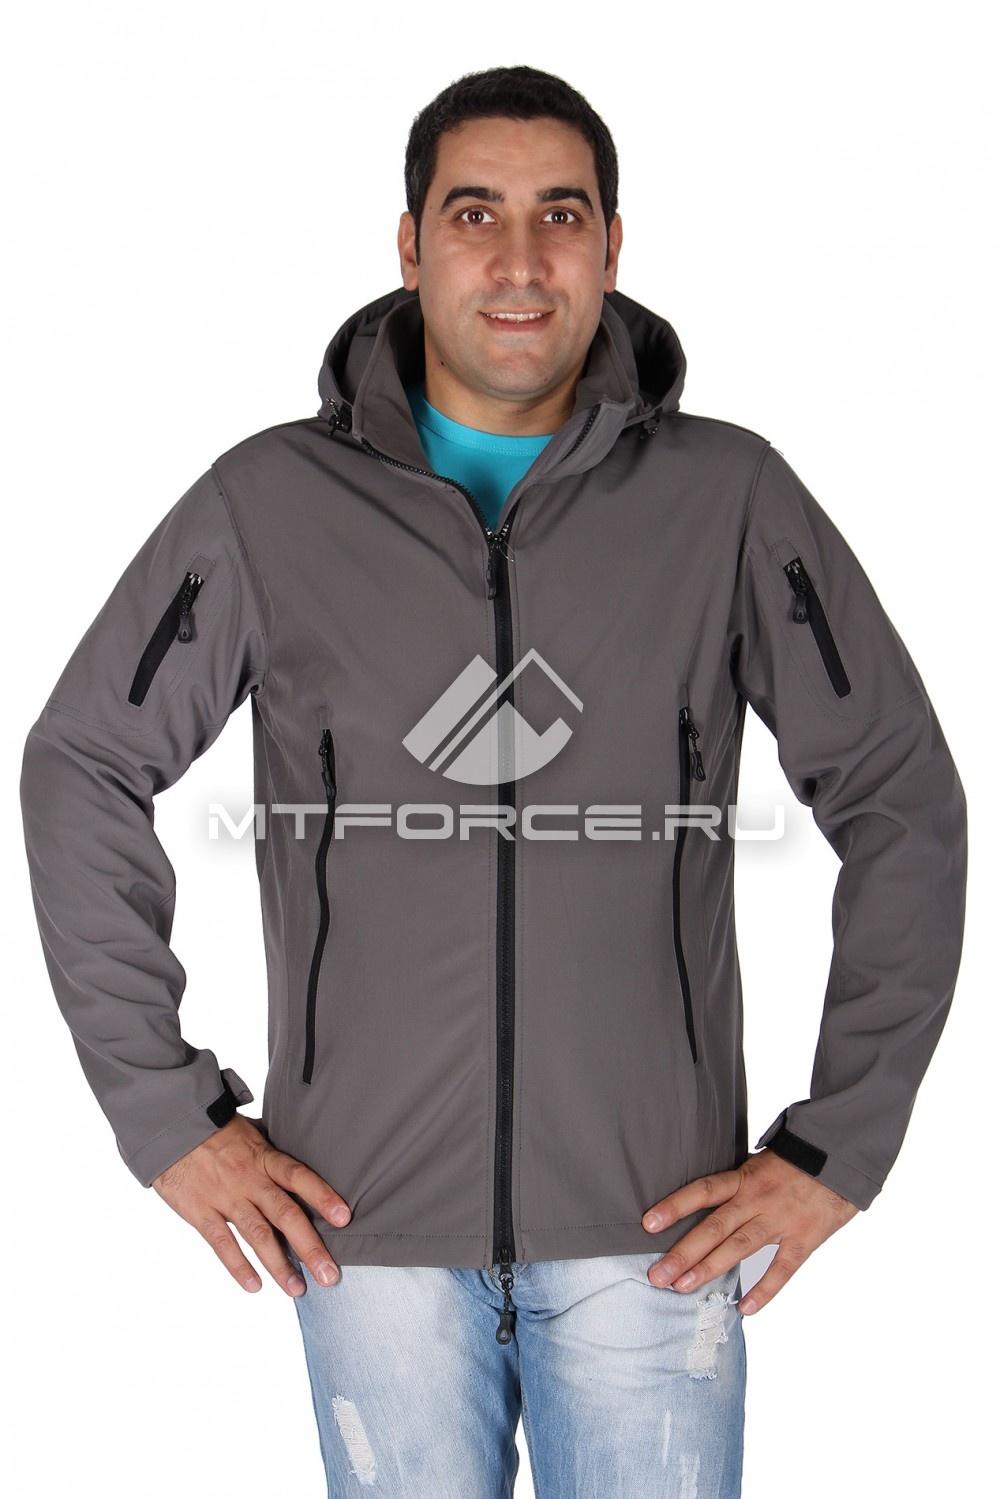 Купить                                  оптом Ветровка - виндстоппер мужская серого цвета 1637Sr